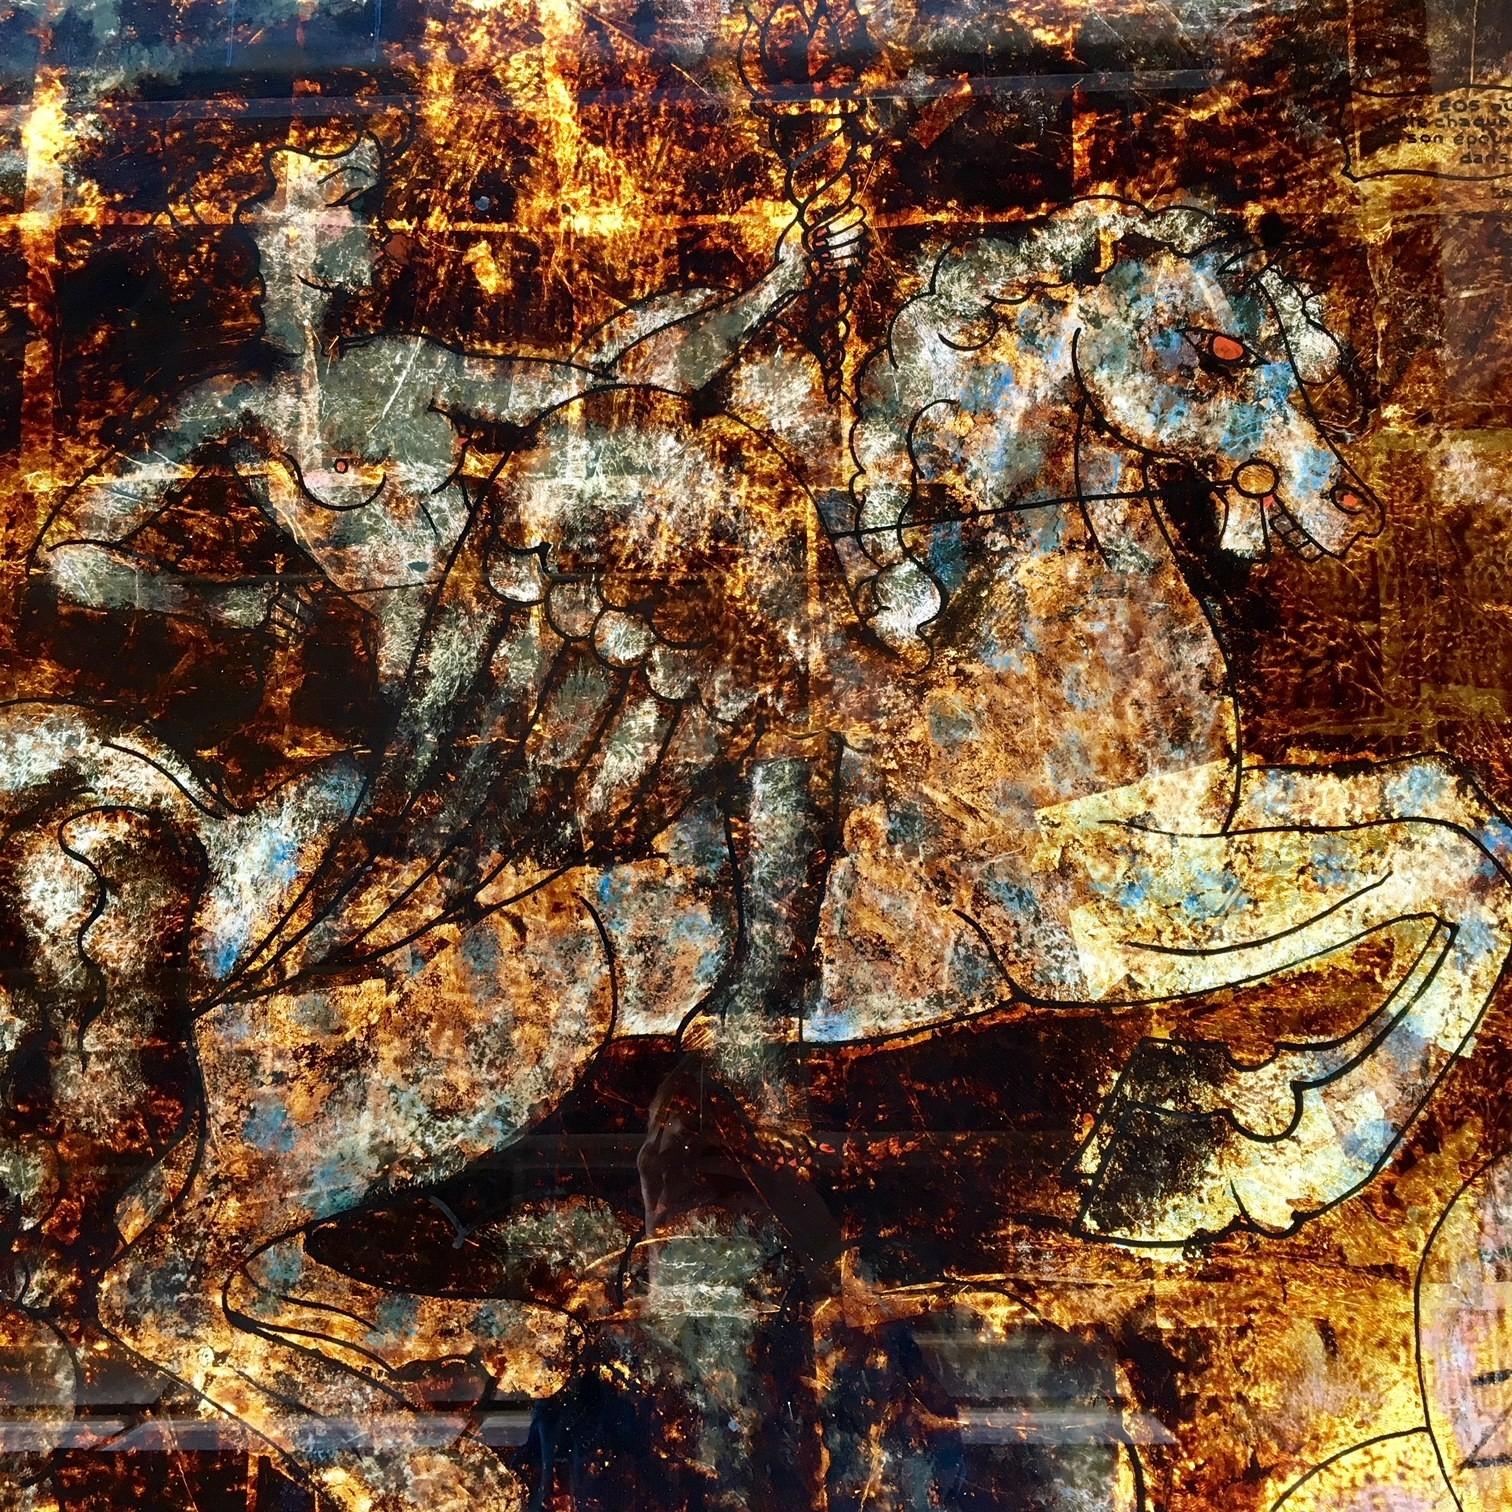 Fünf sehr große Hinterglasbilder mit mythologischen Szenen